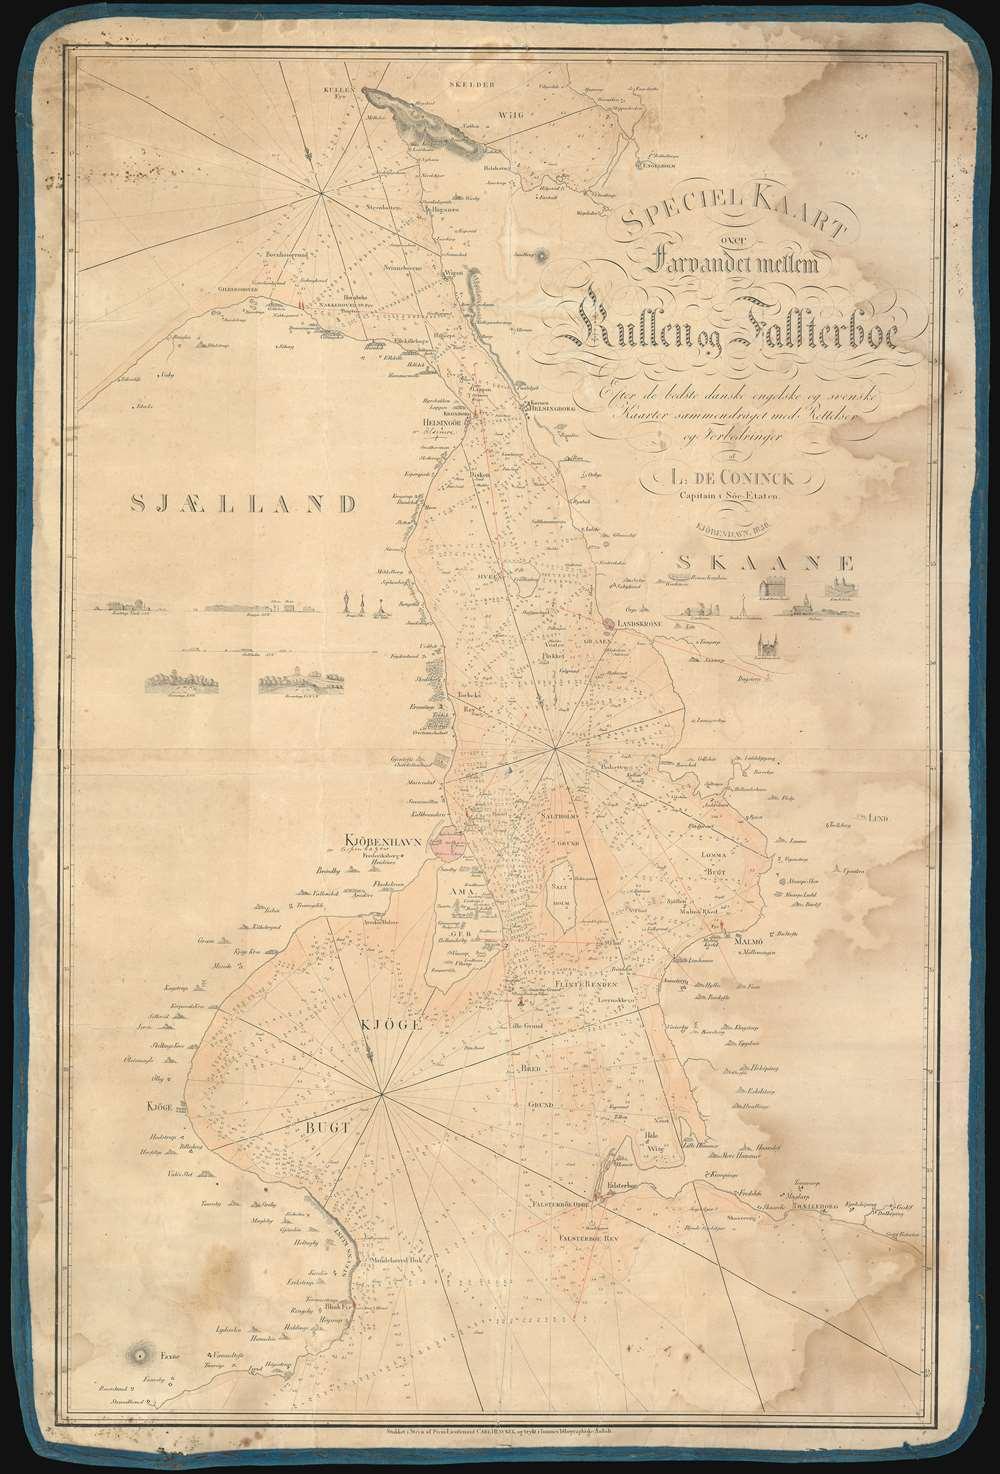 Speciel Kaart over Farvandet mellem Kullen og Falsterboe